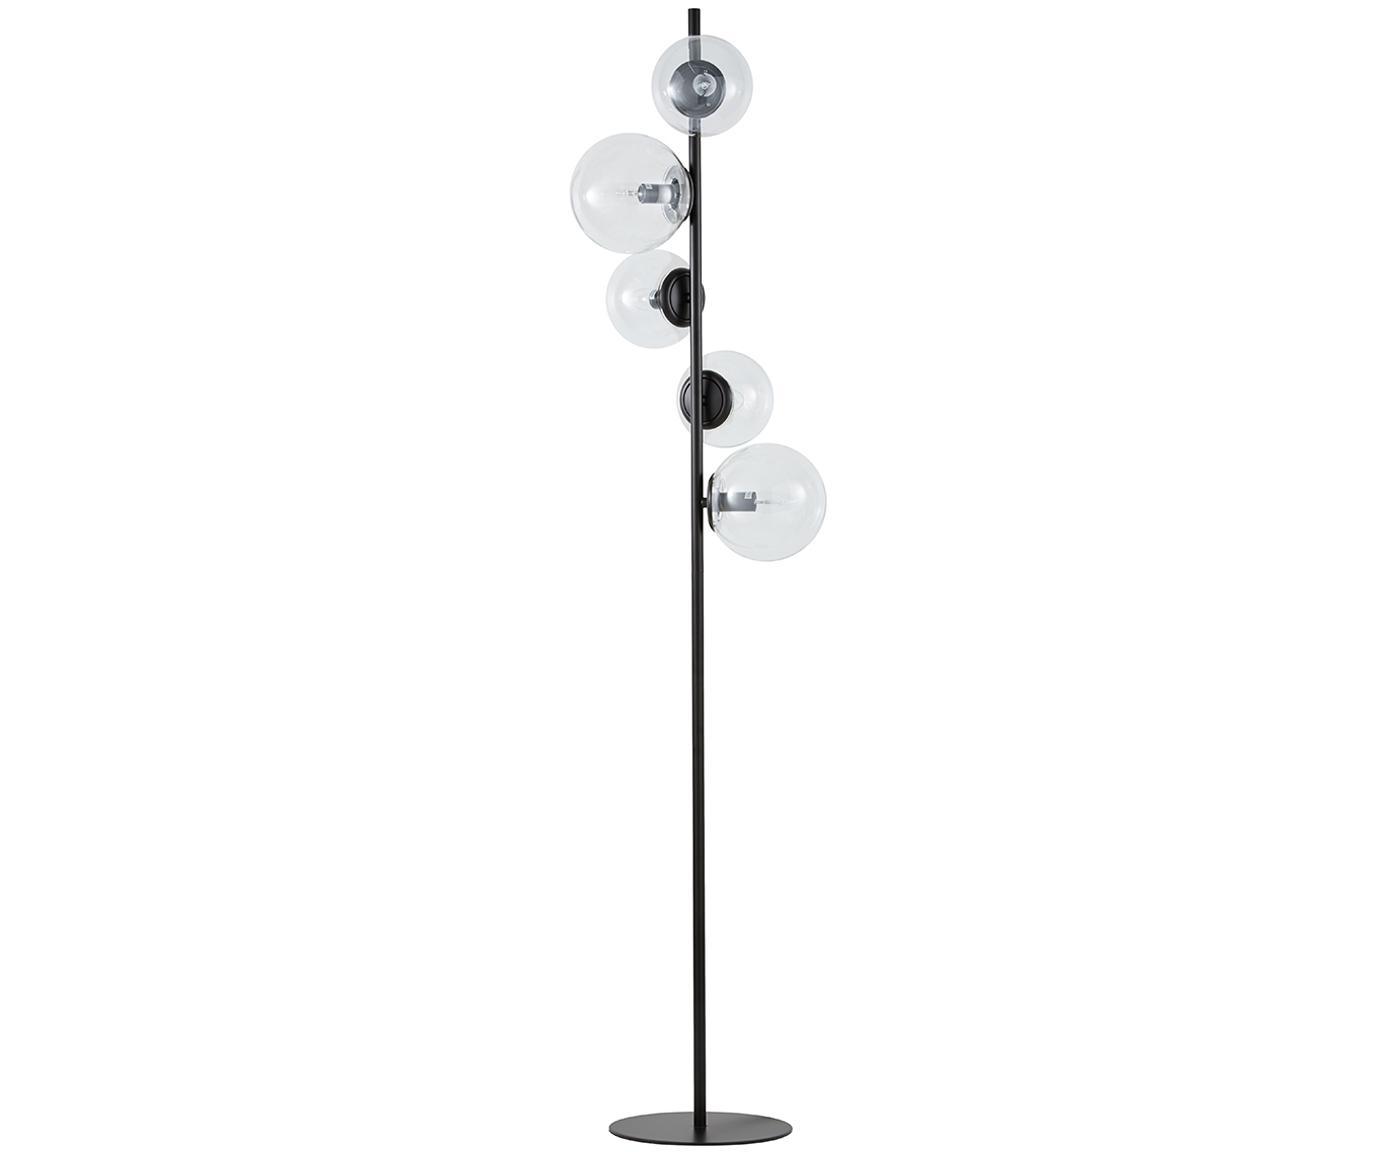 Lampa podłogowa Casey, Czarny, 170 cm